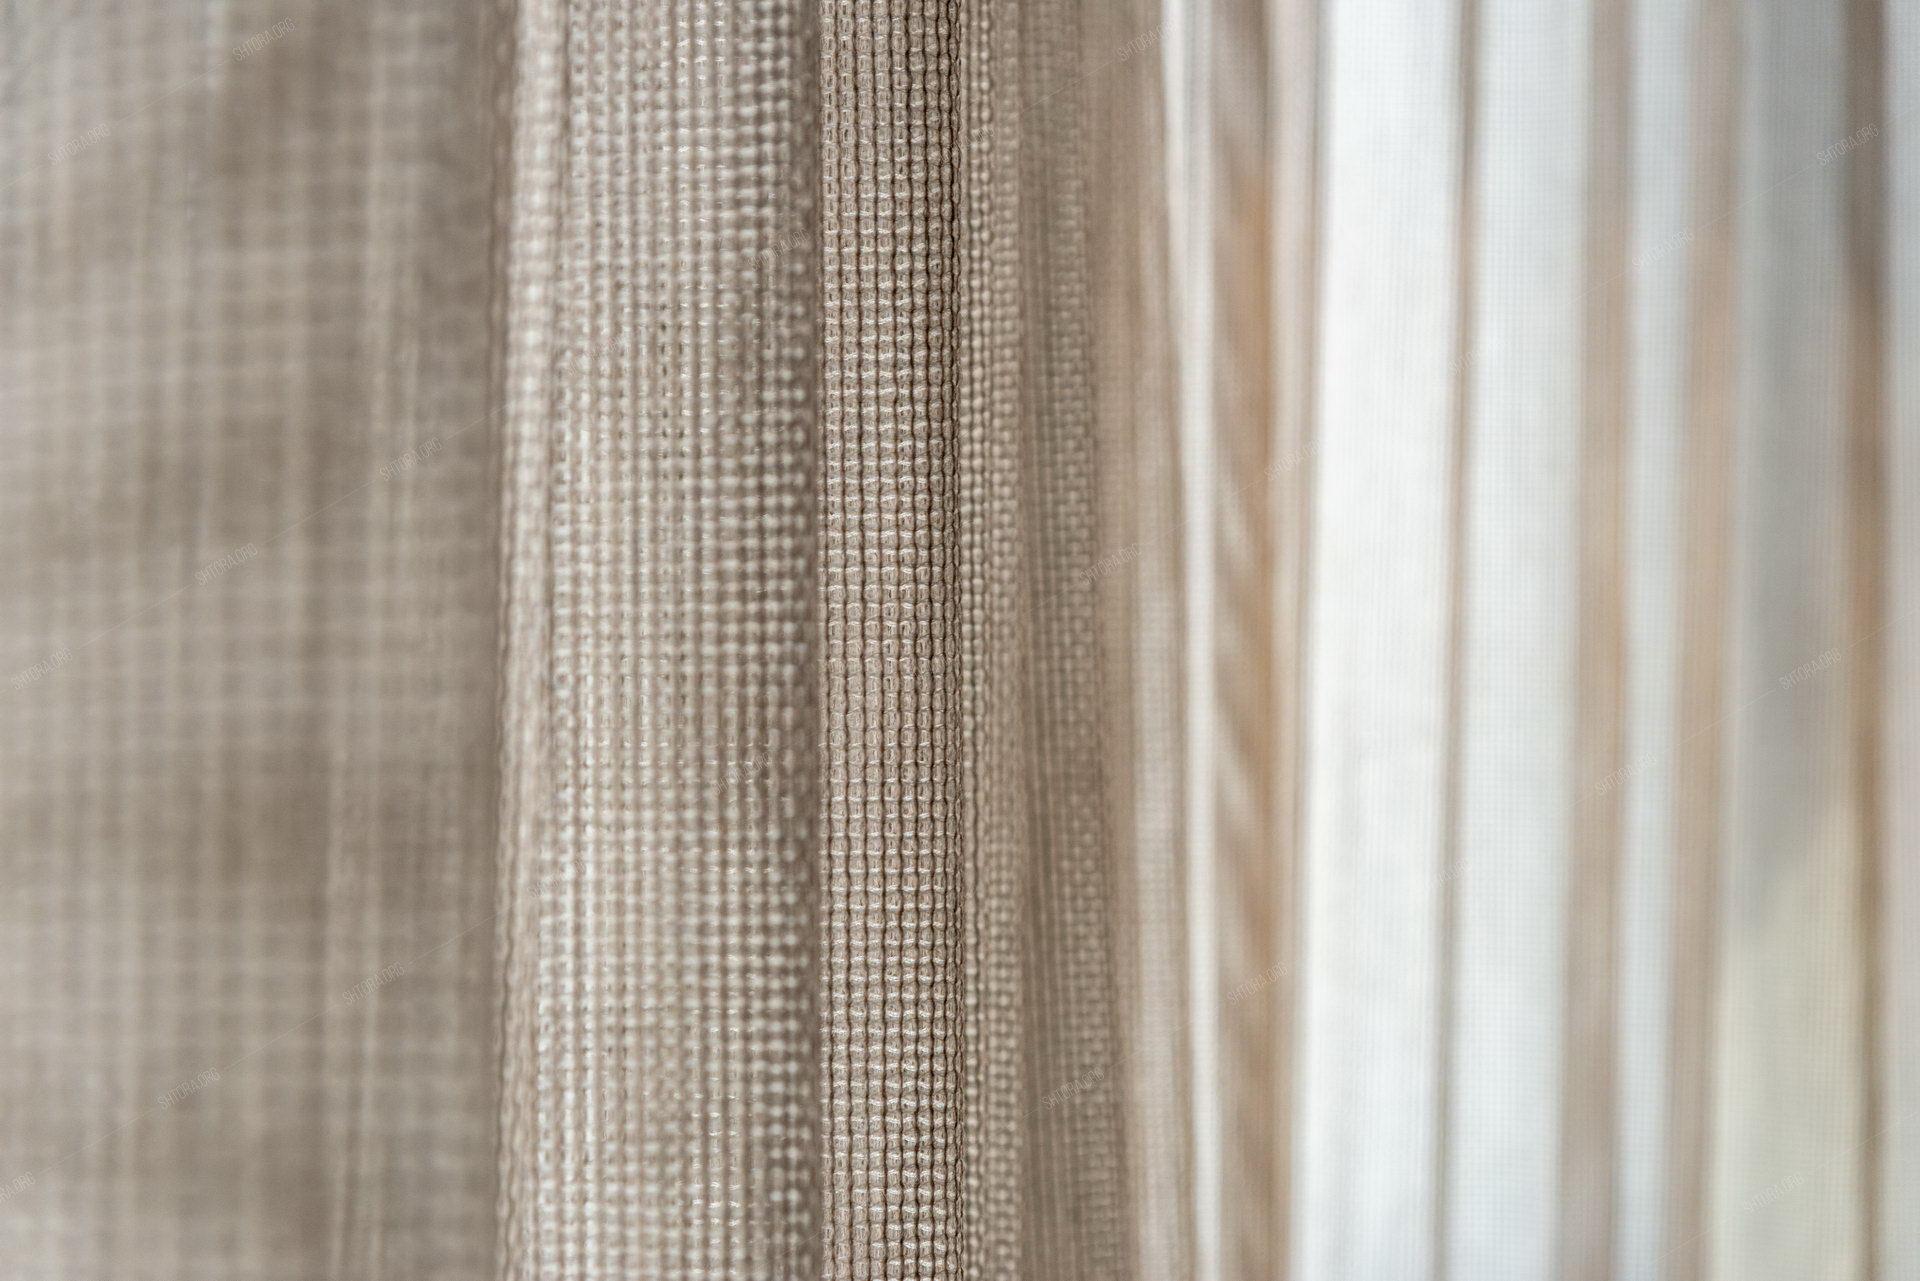 шторы из фактурной сетки на панорамном окне